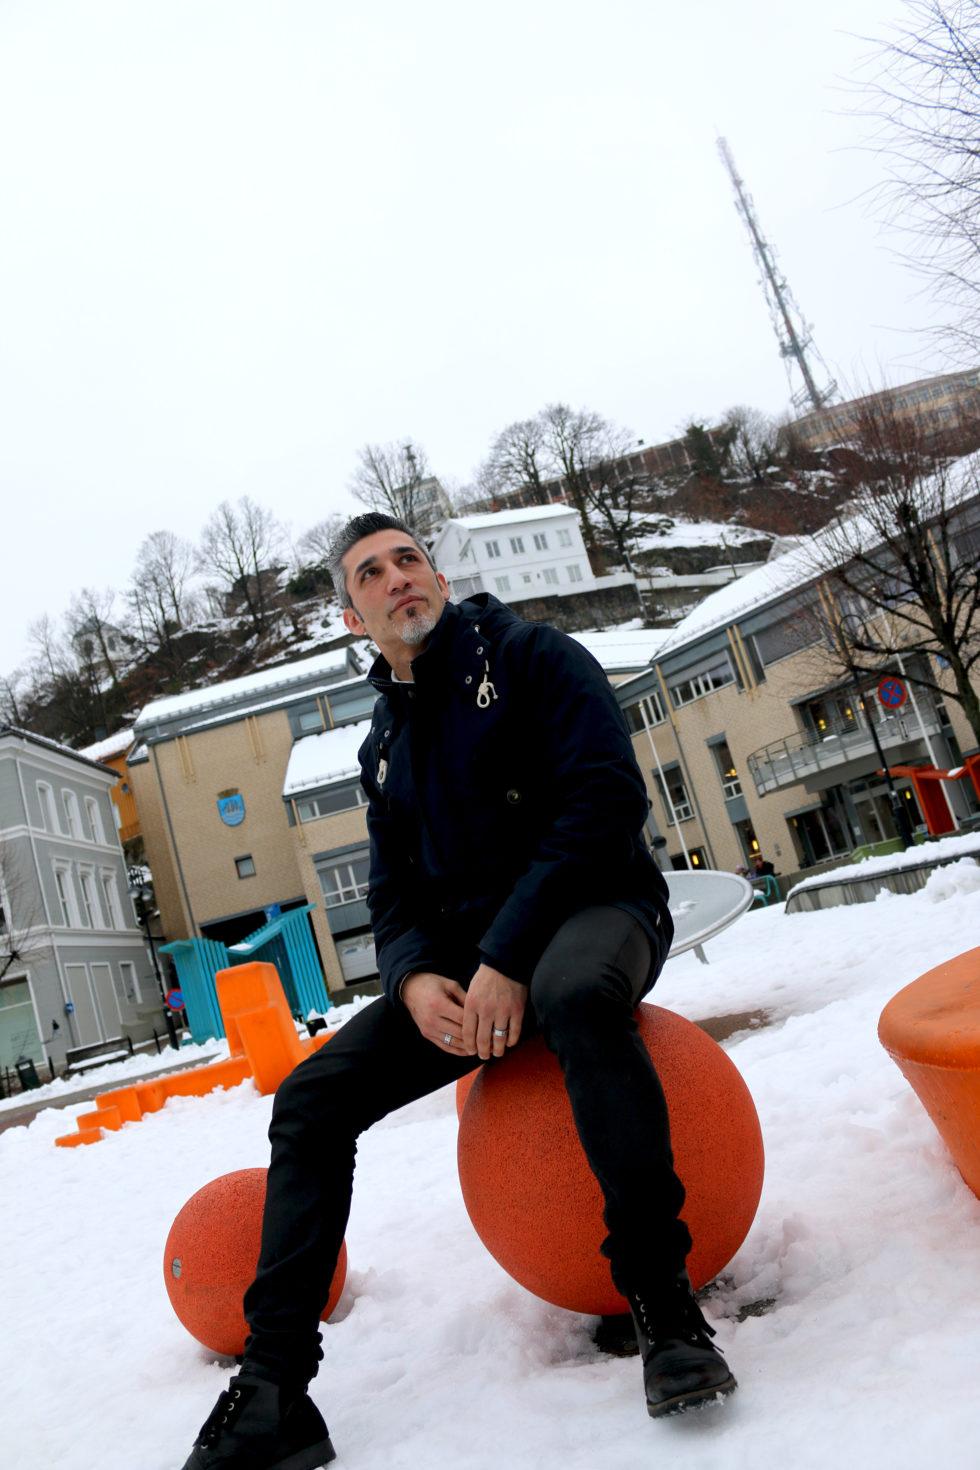 INNVANDRERRÅDET: André Roshan Skal Lede Innvandrerrådet I Arendal De Neste årene. Foto: Esben Holm Eskelund